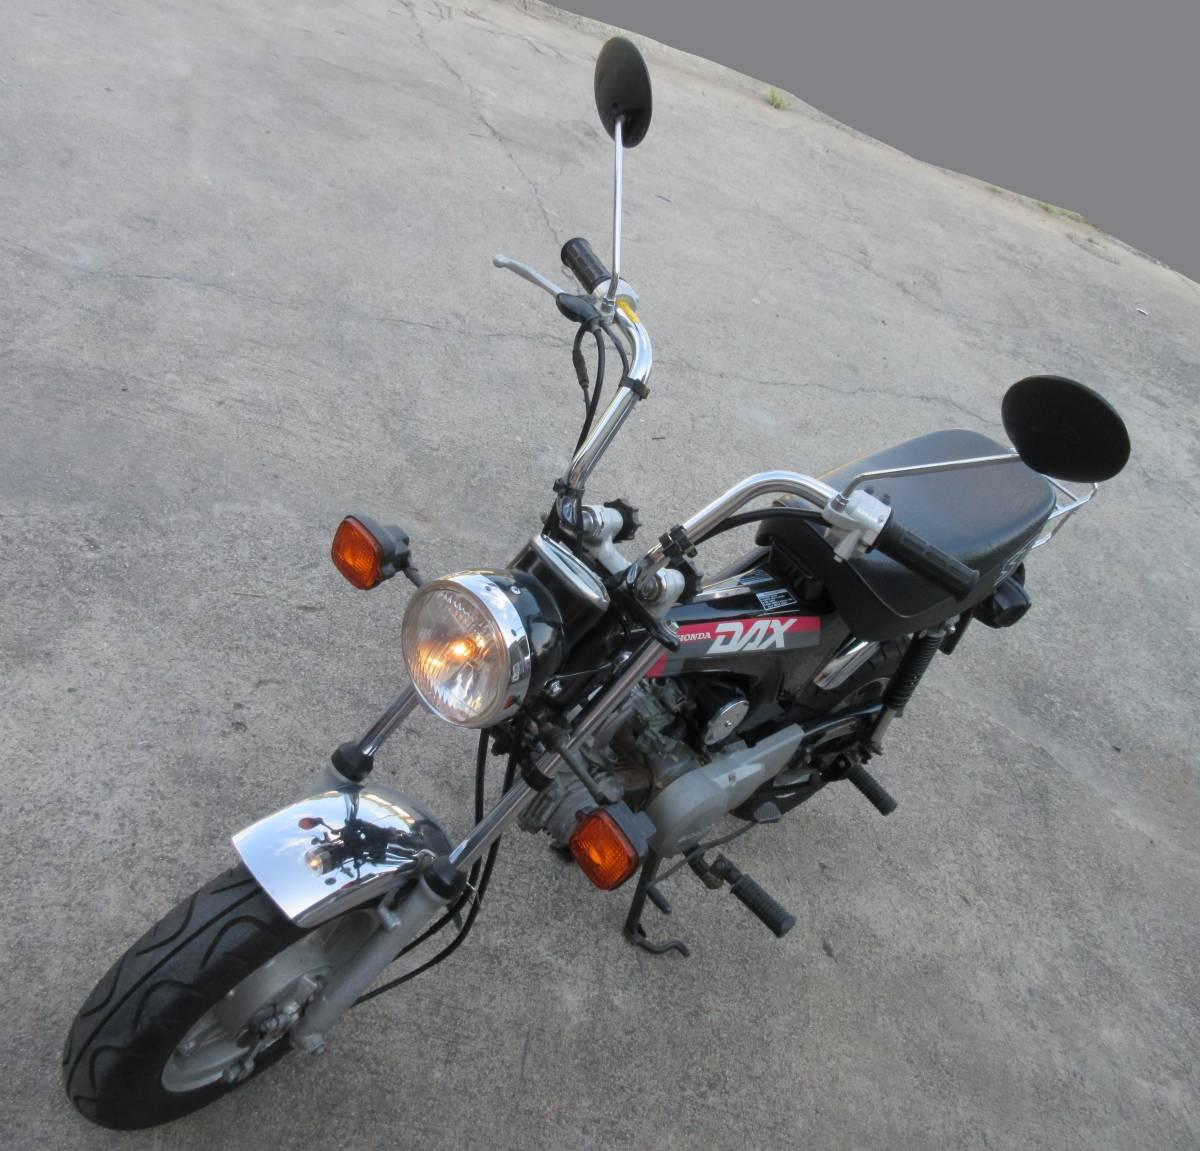 「ダックス DAX 逆輸入品 ホンダ 整備済み 50cc  シャリー モンキー ゴリラ 」の画像1